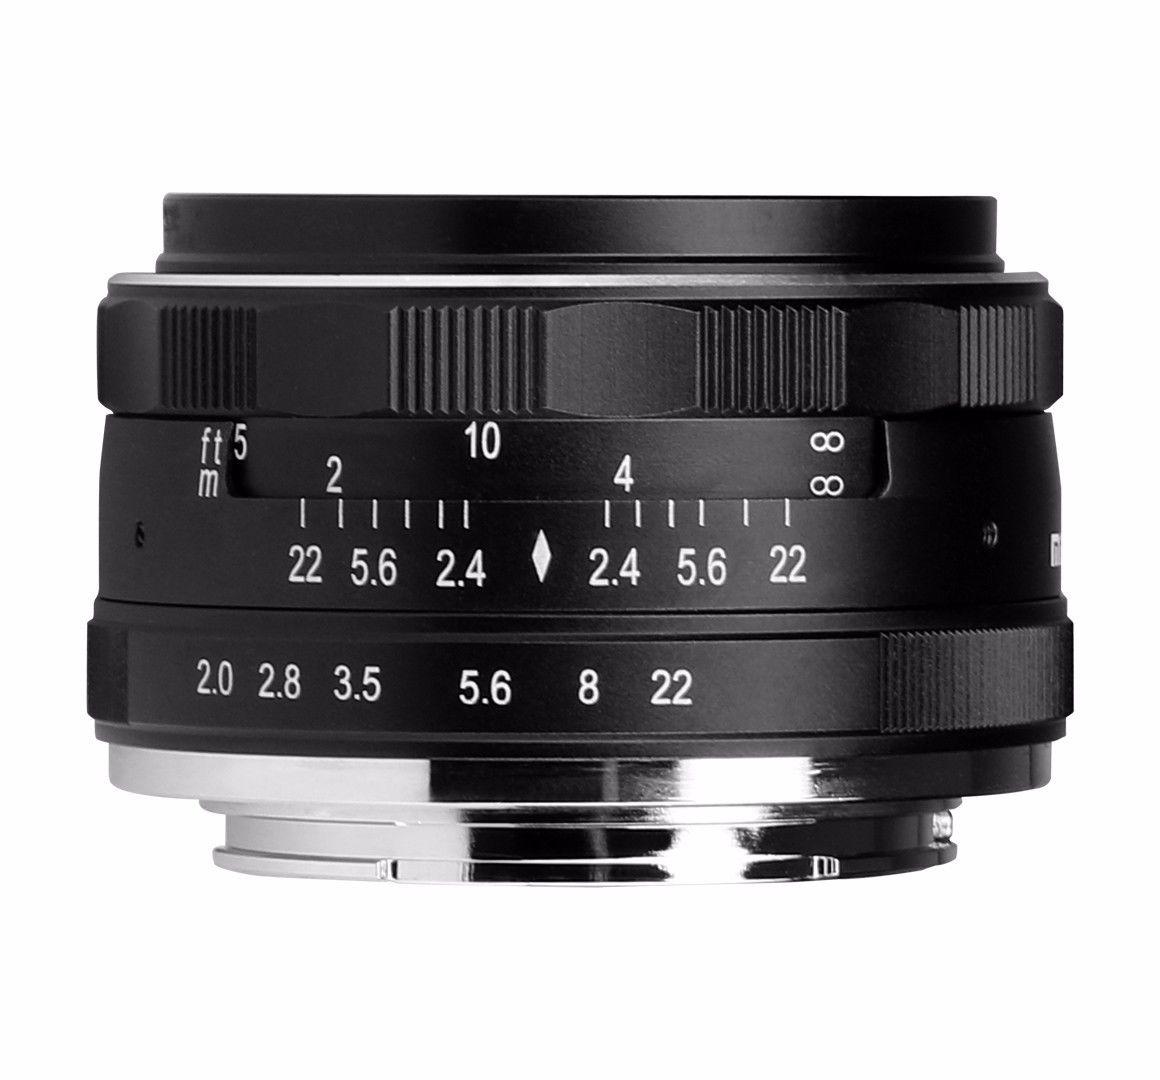 50mm F2.0 Aperture Manual Focus Lens APS-C for eosm nikon1 m43 Sony e mount NEX3/5T/6/7 A5000 A6000 a6300 fuji xt1 camera